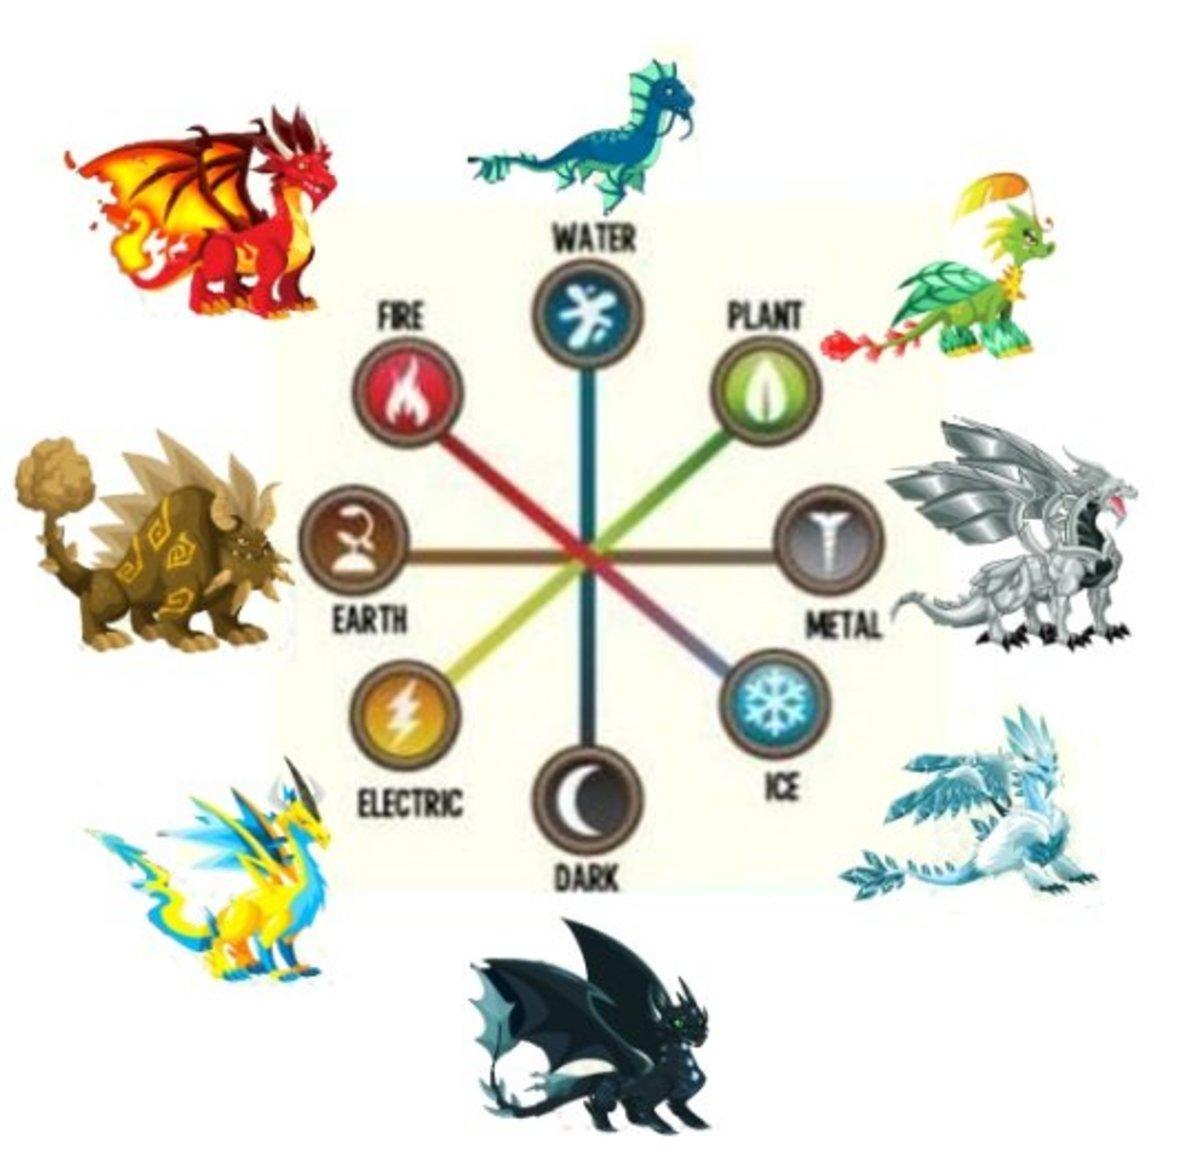 dragoncity.wikia